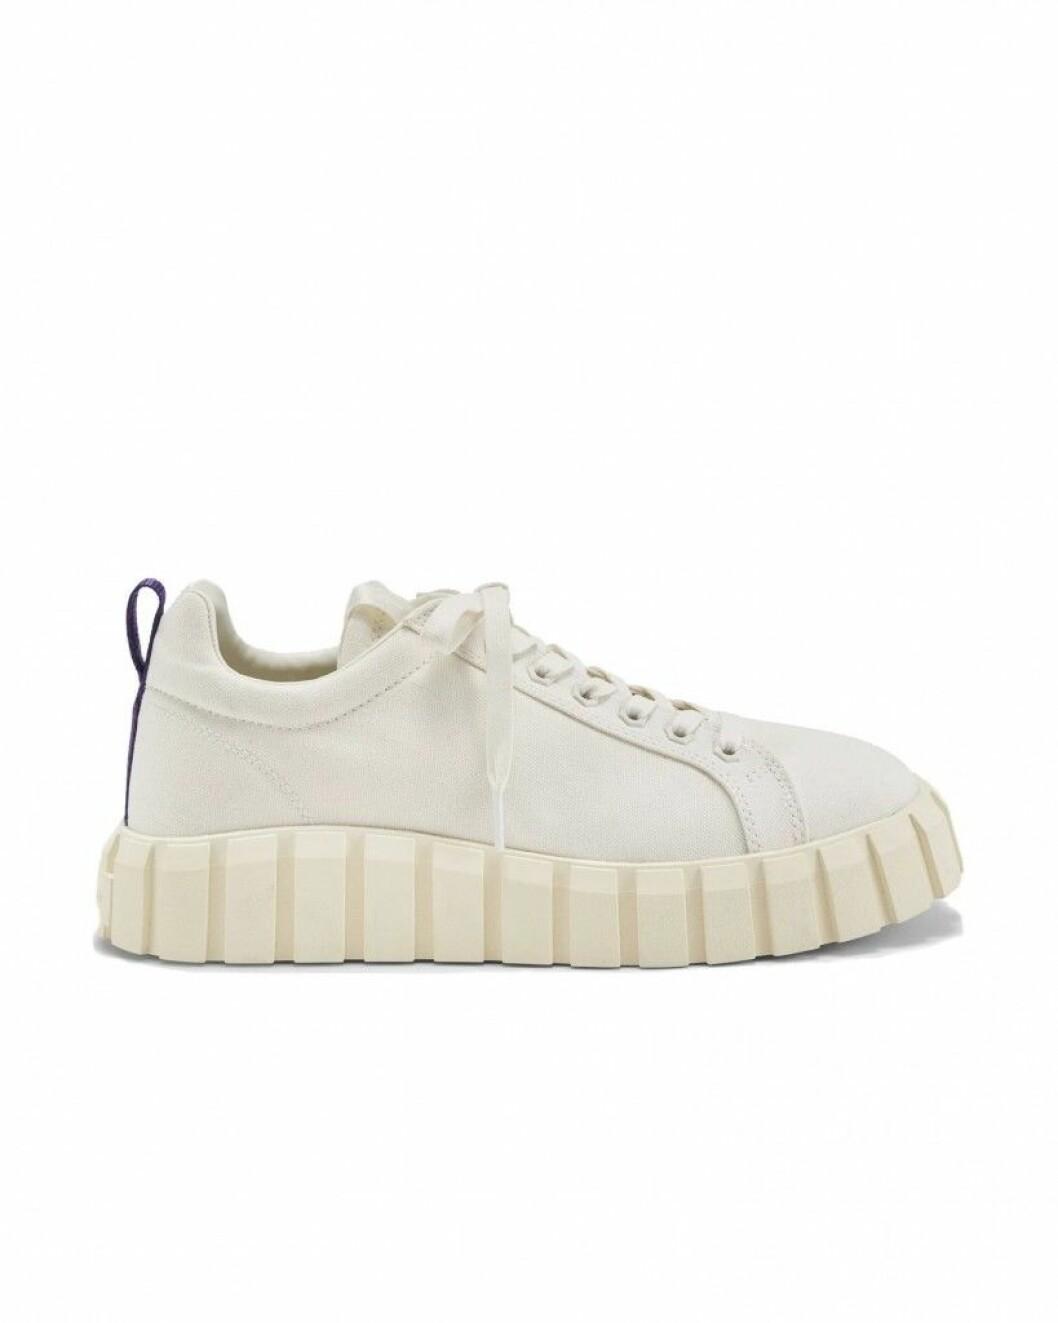 Snygga vita sneakers med rejäl och detaljerad sula från Eyytys.